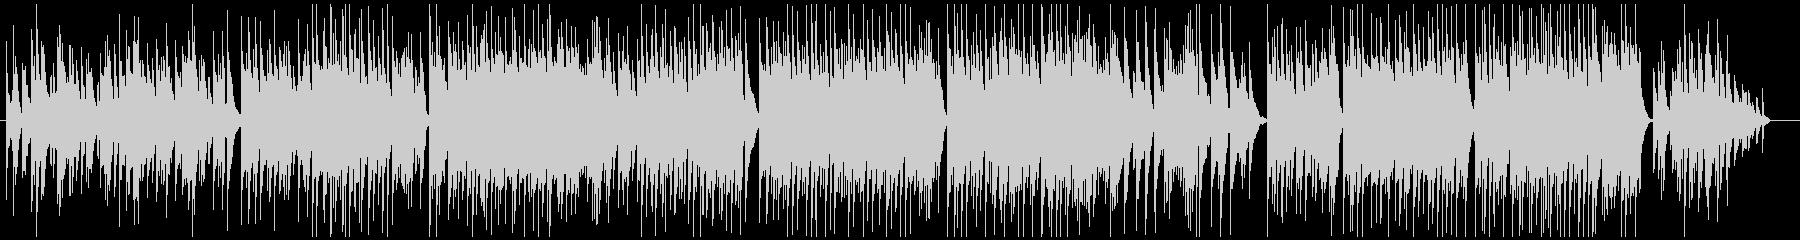 ソロピアノによるバラードBGMの未再生の波形